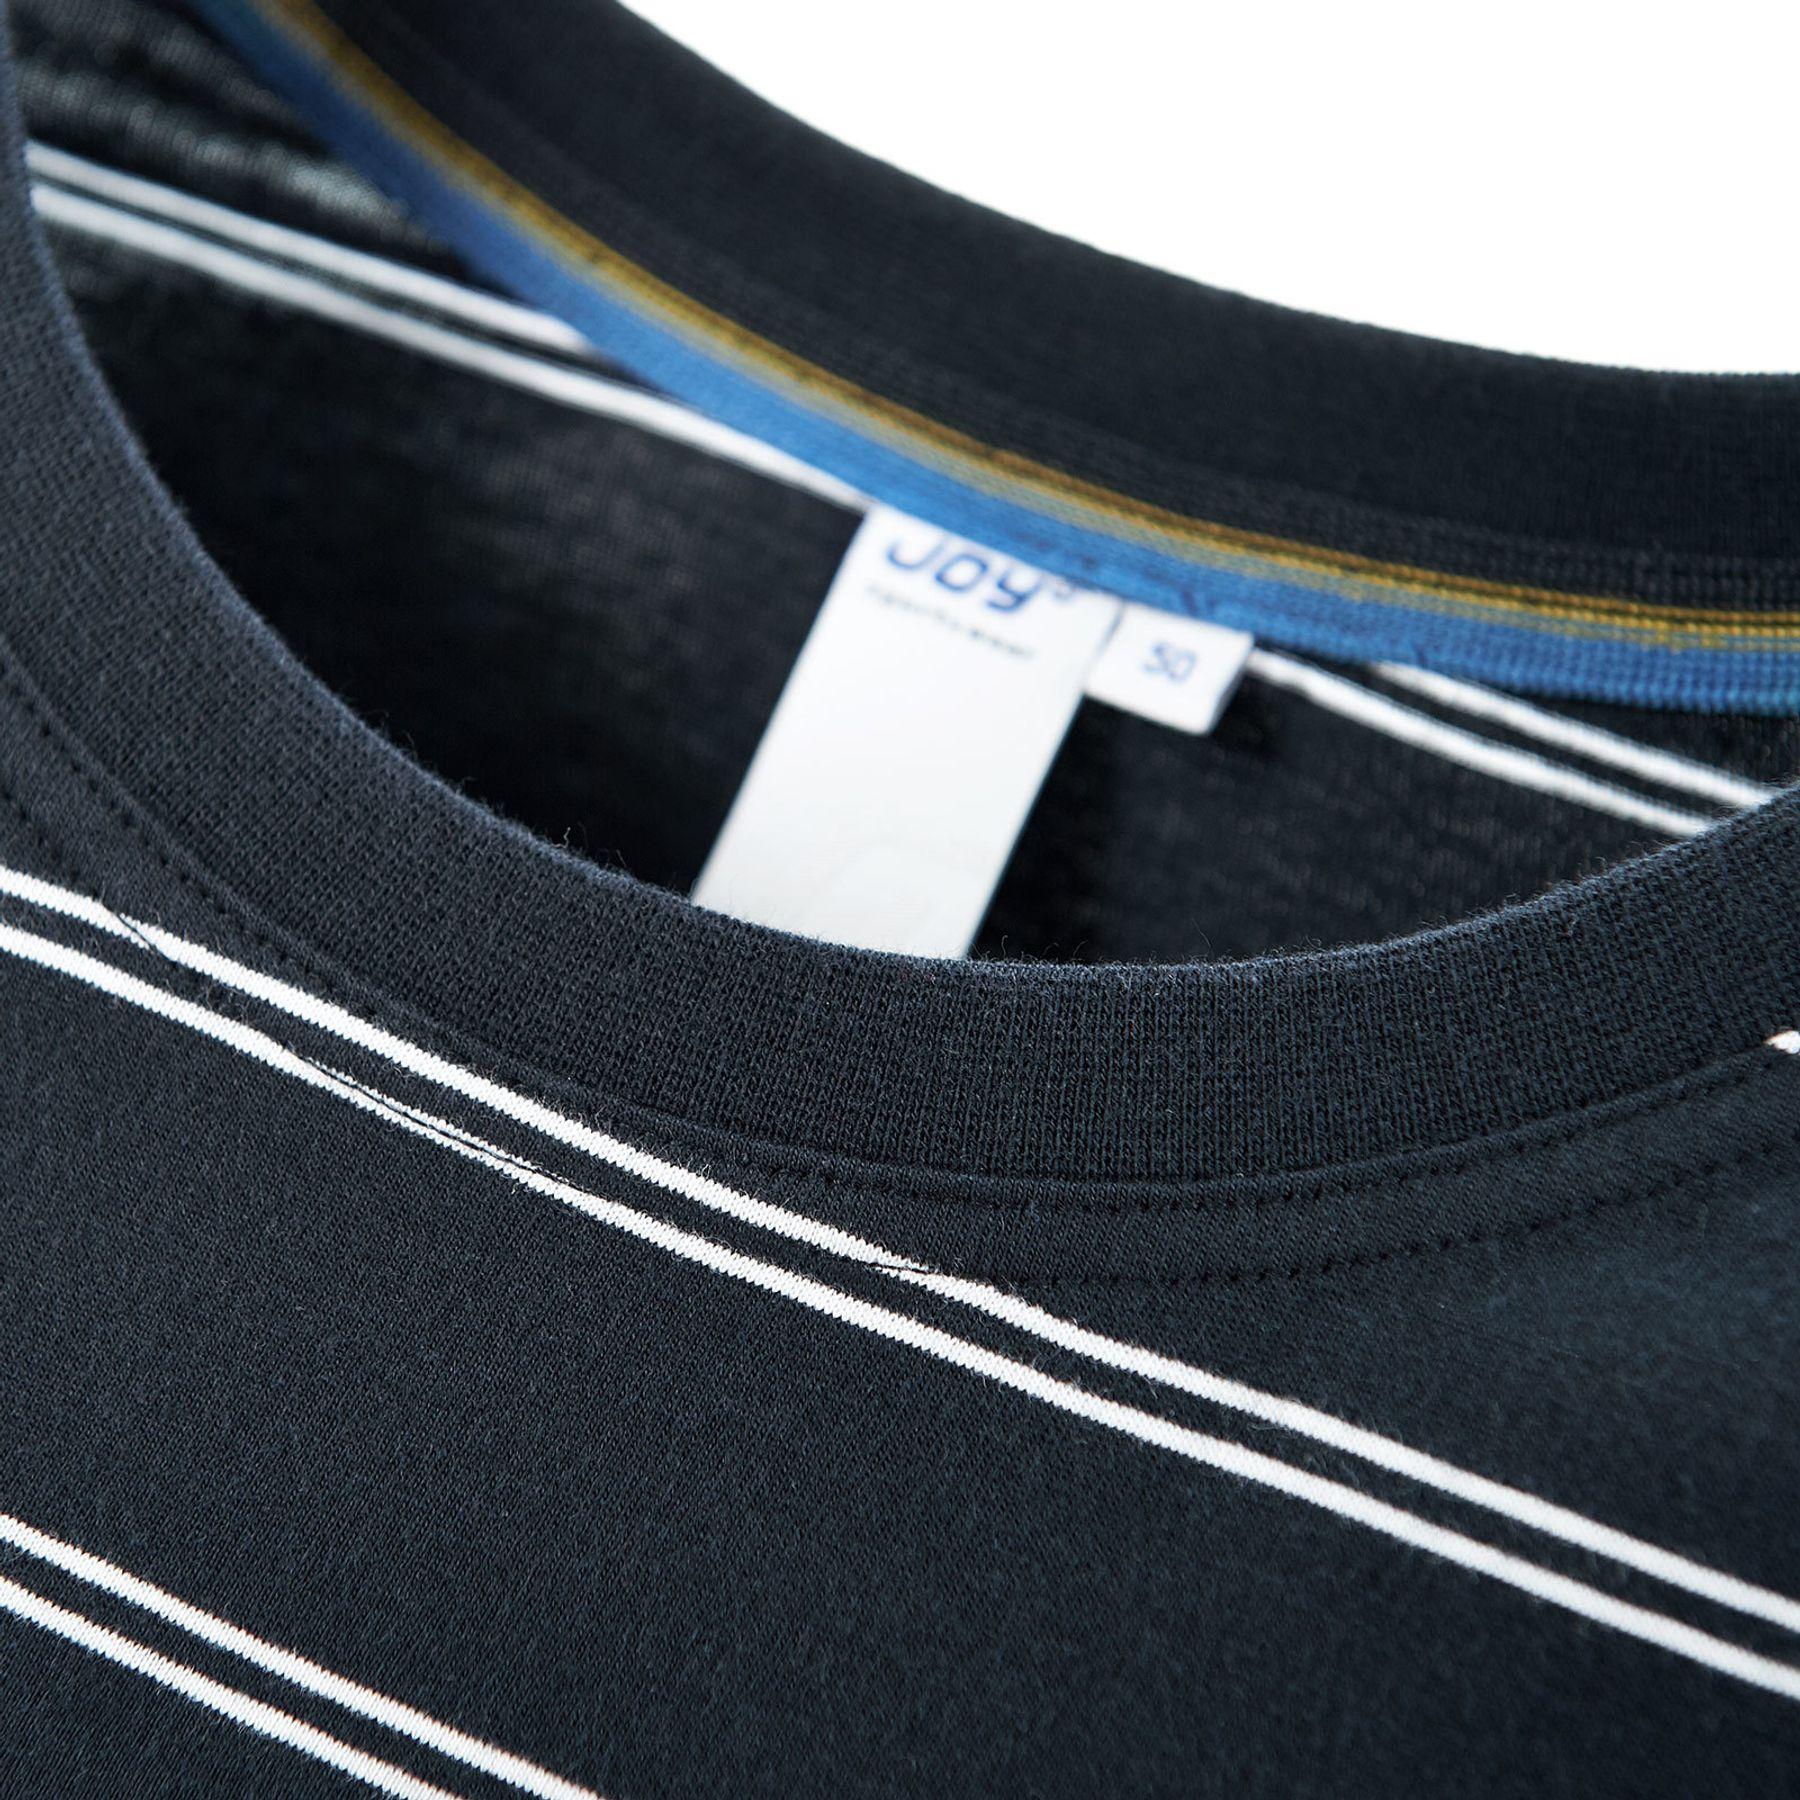 Joy - Herren Sport und Freizeit Shirt mit Rundhalsausschnitt, Wesley (40238A) – Bild 3